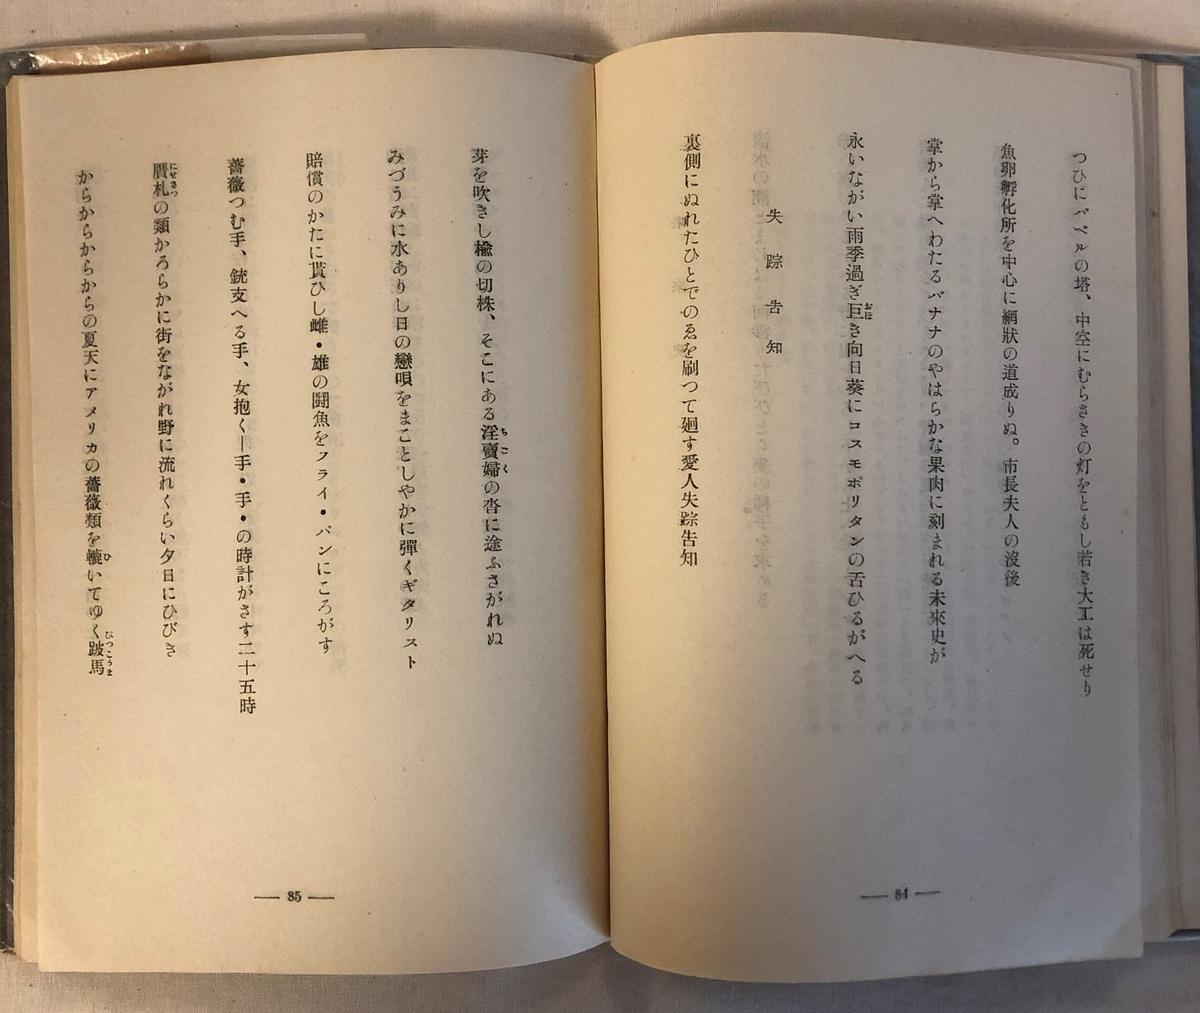 f:id:yomoyamayomoyama:20190417180026j:plain